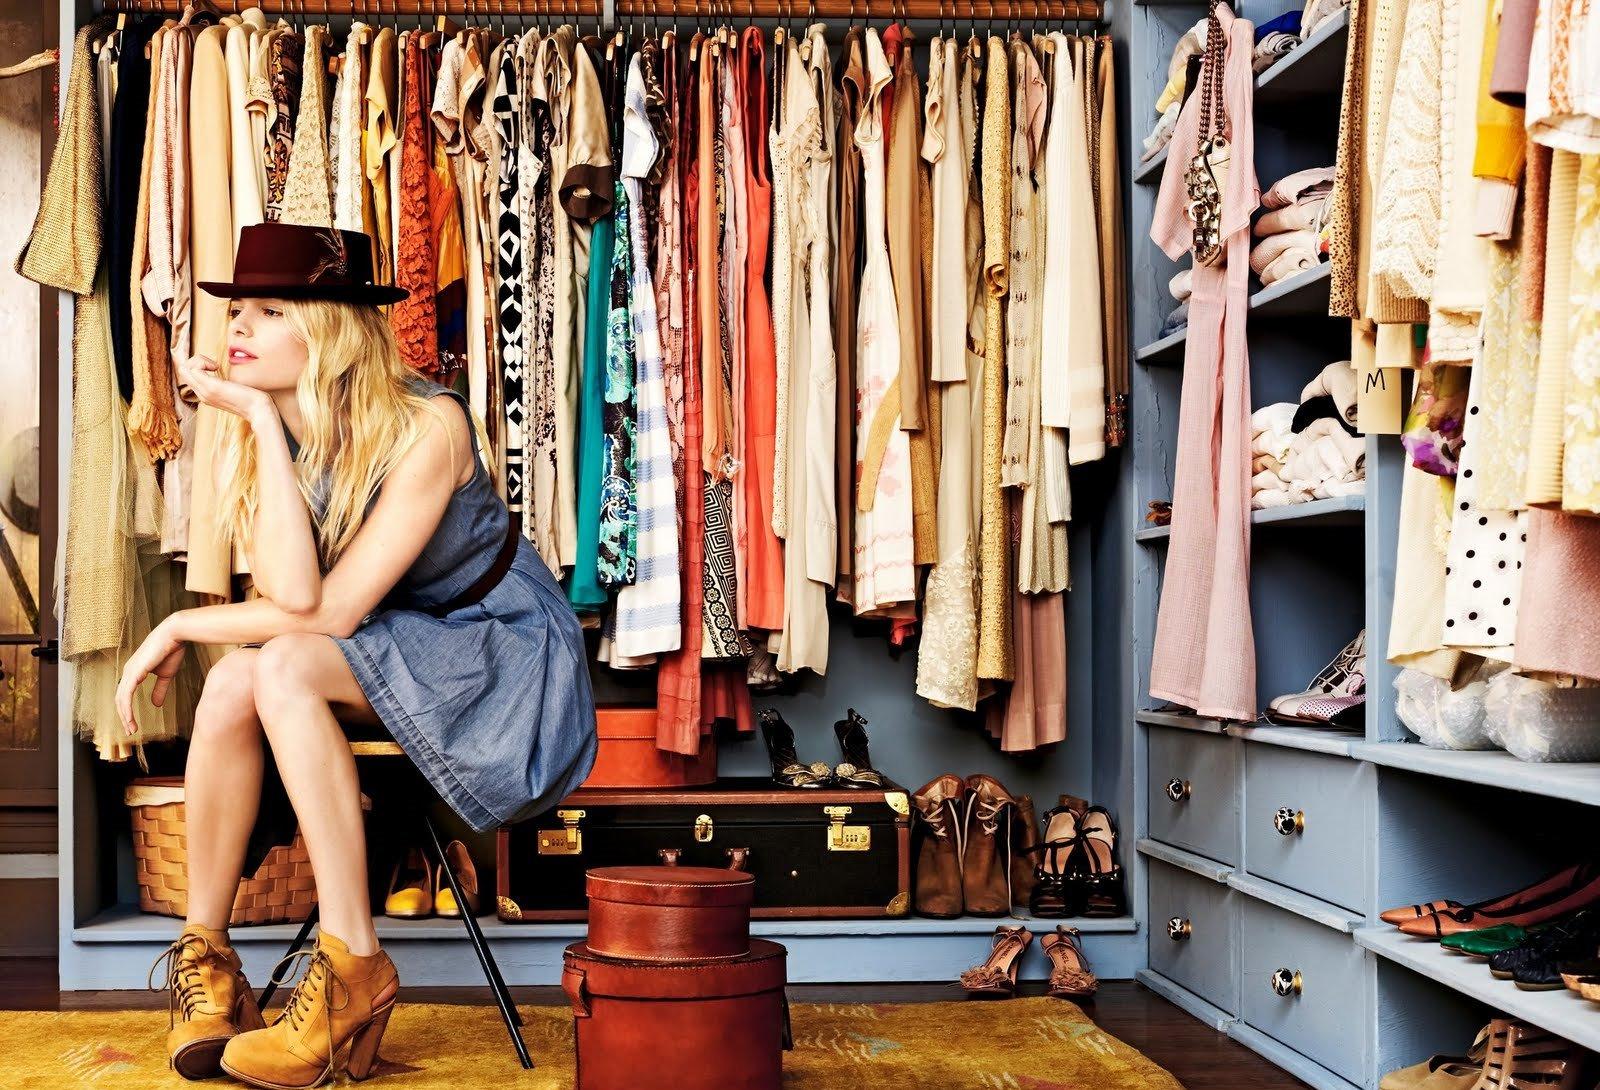 ☀ список для новорожденного, ☀ вещи на первое время, как ☀ купить и выбрать одежду, ☀ смесь в первые месяцы